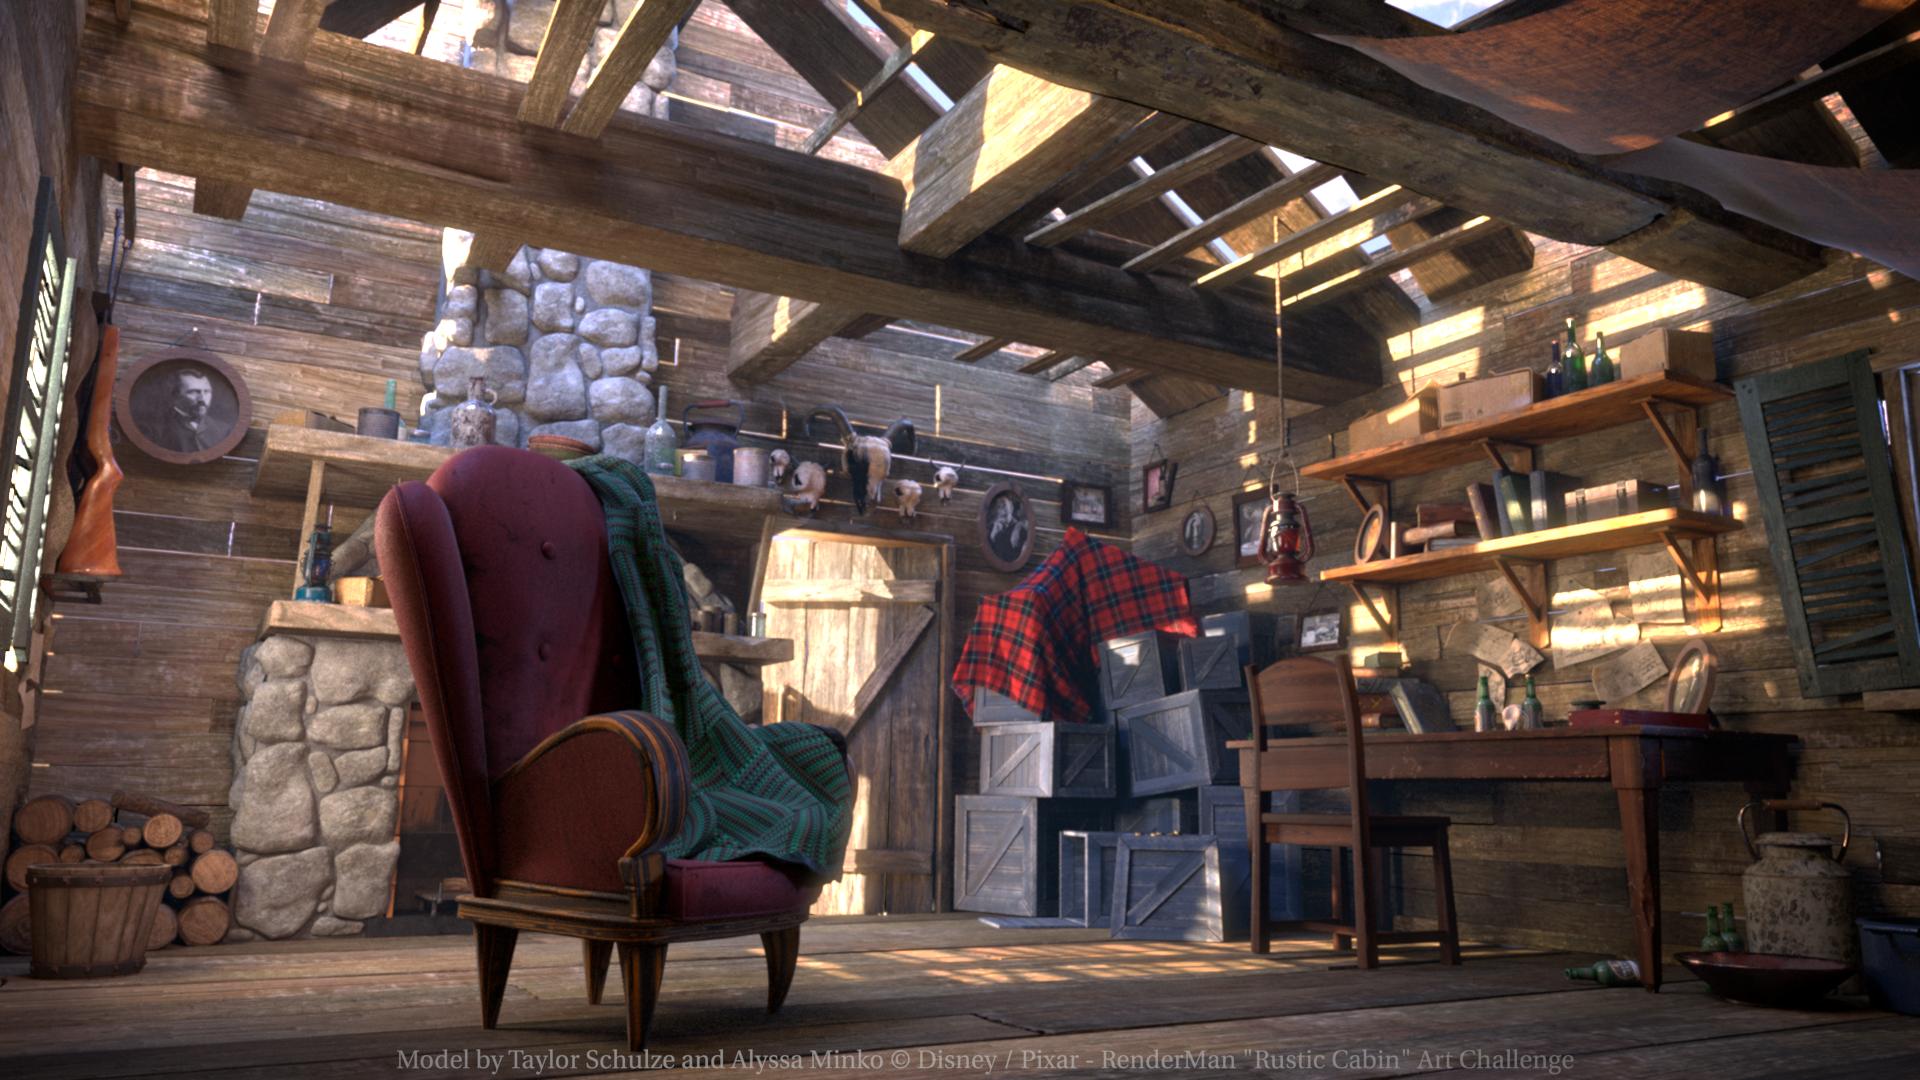 Rustic Cabin Art Challenge